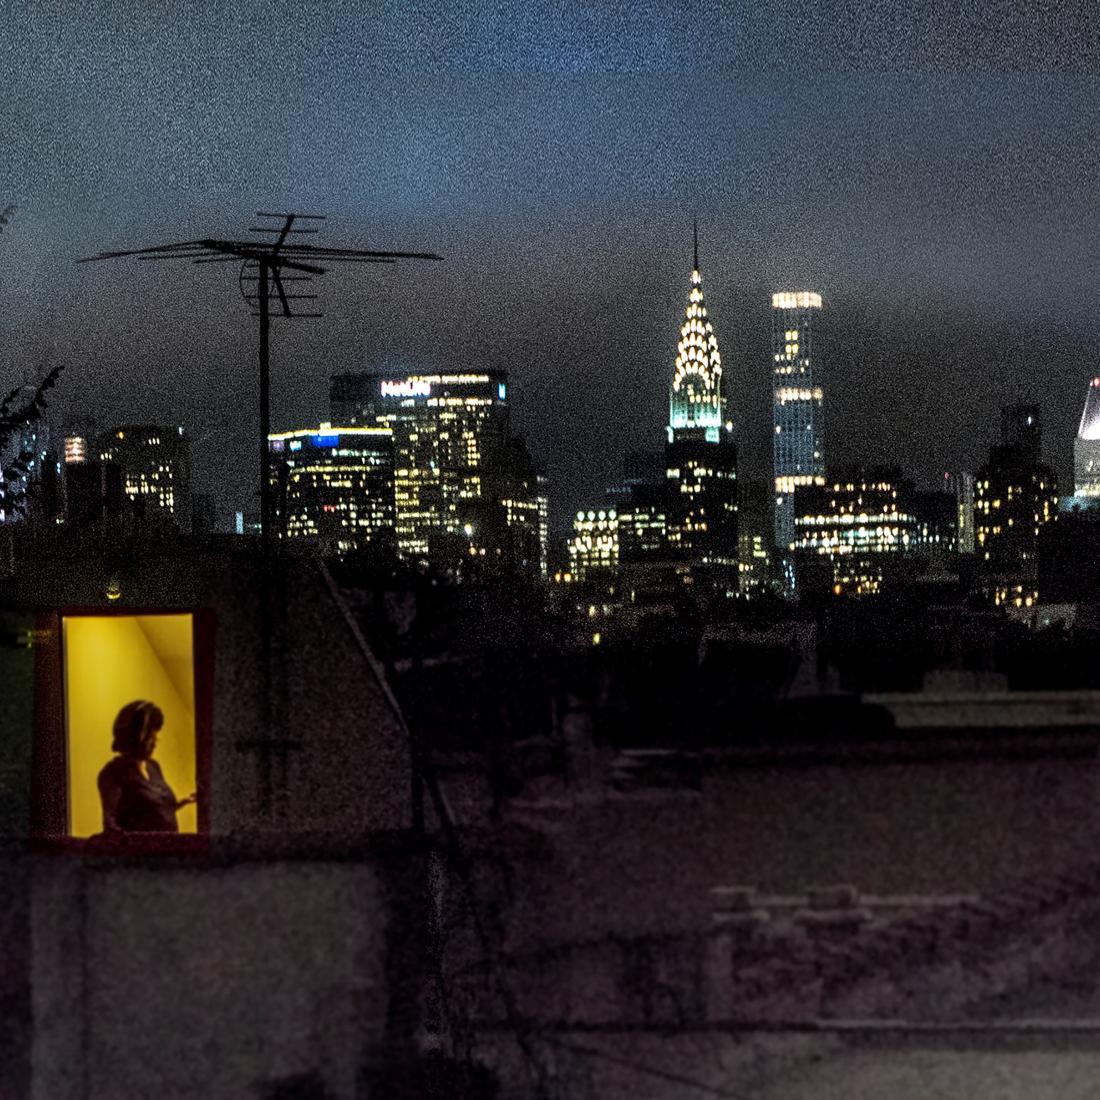 Vista trasera del apartamento de Sally Davies en East 5th Street por la noche con ventanas iluminadas.